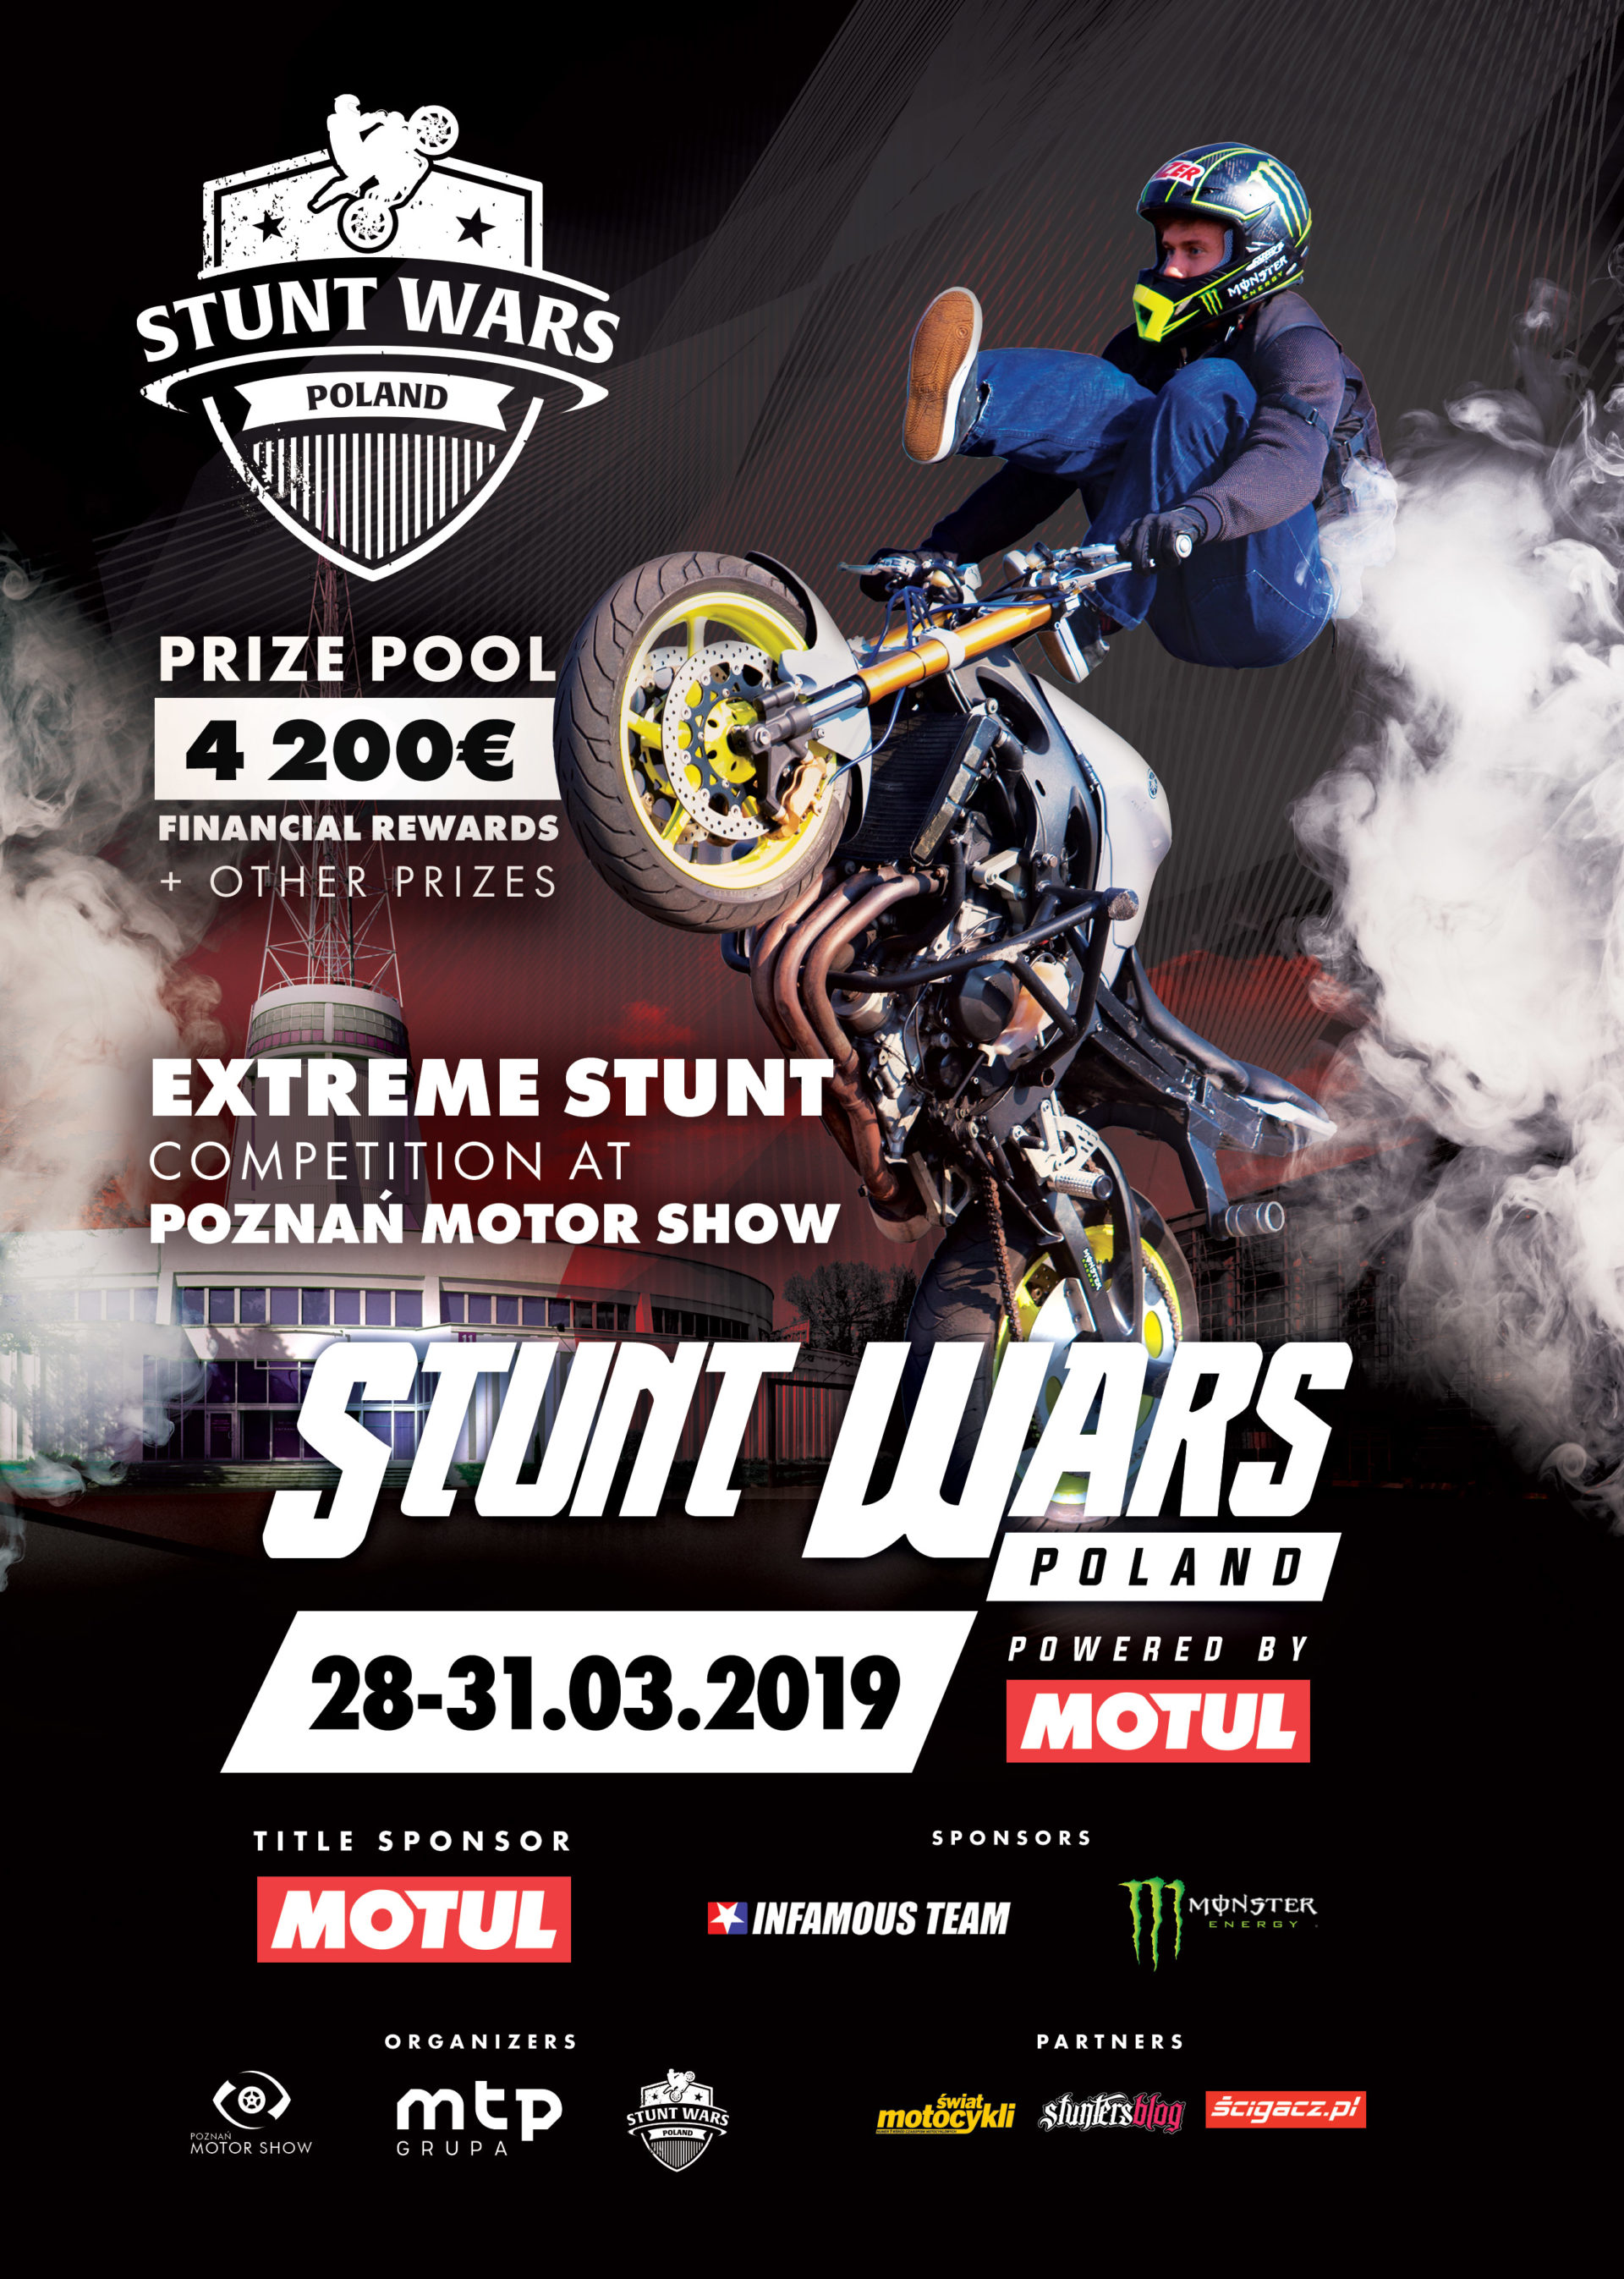 Stunt Wars Poland